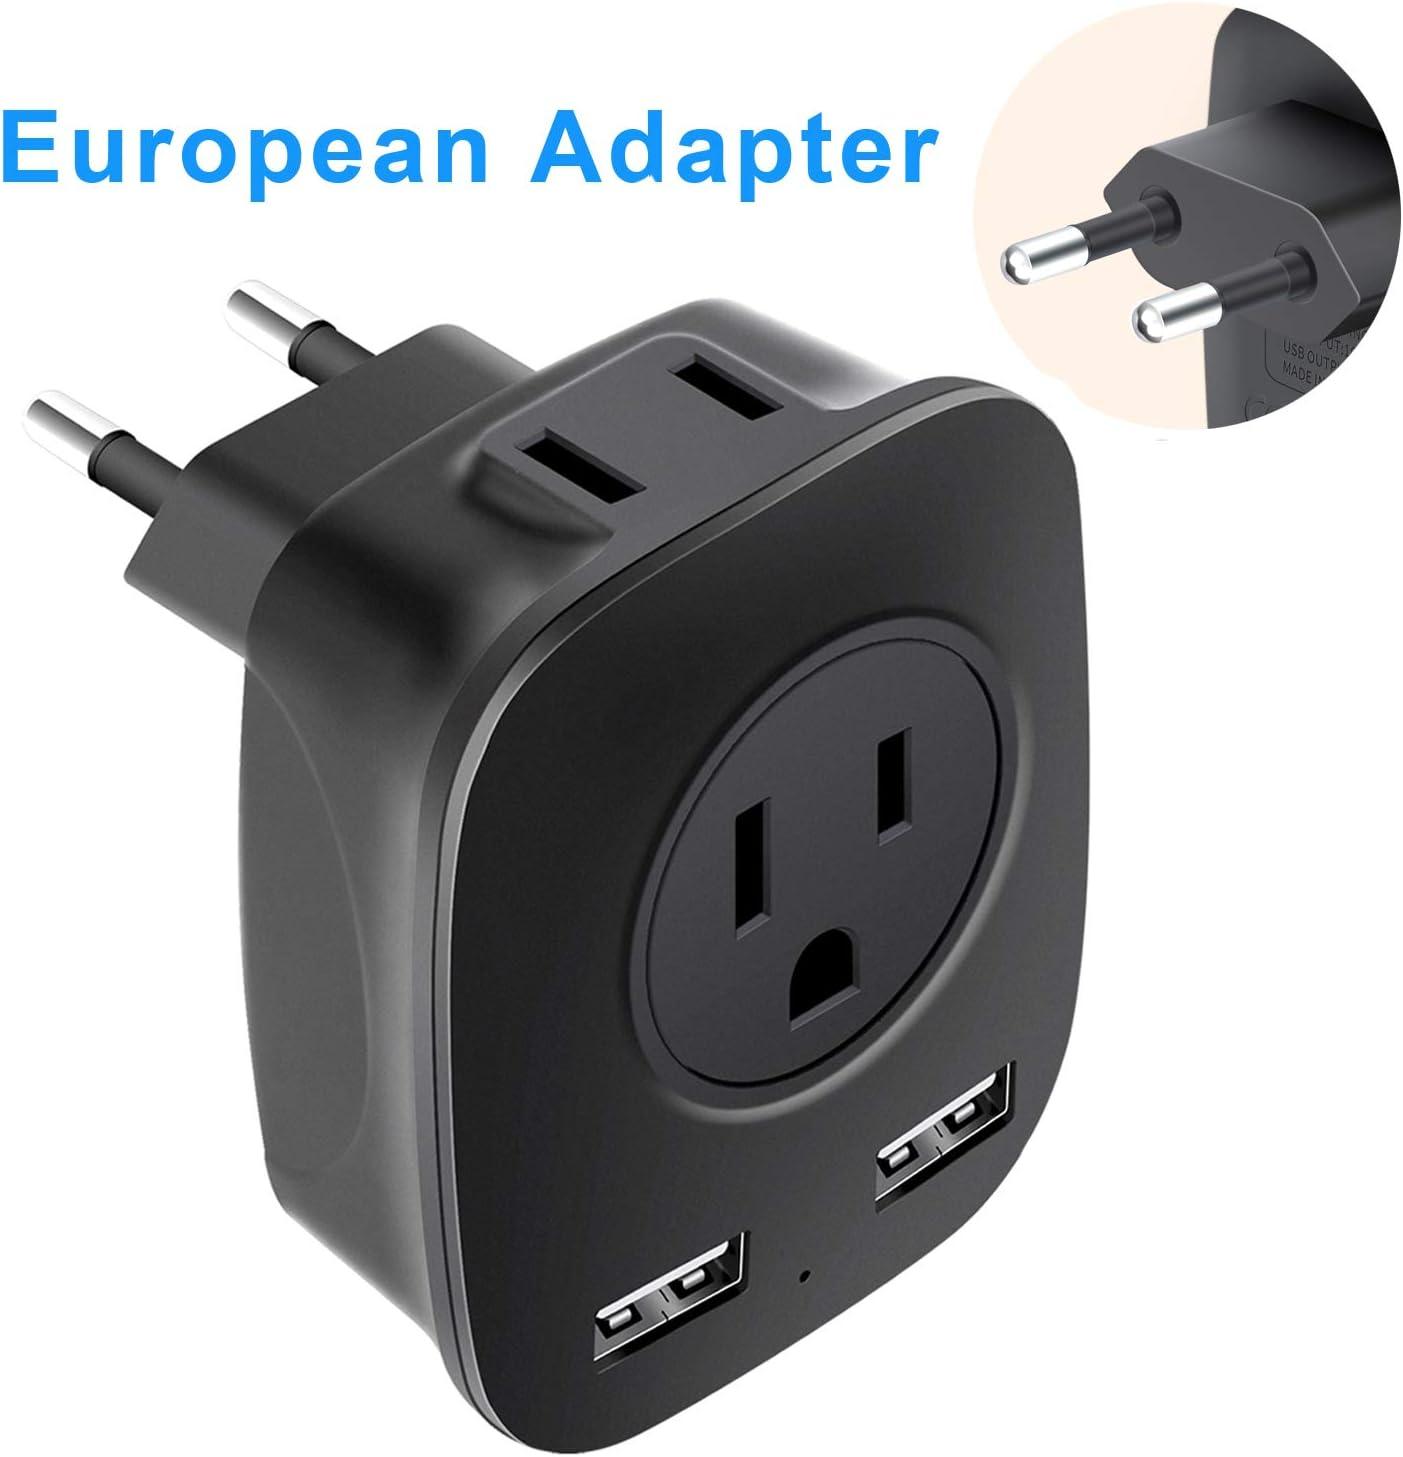 NEWVANGA Adaptador de enchufe europeo, adaptador de alimentación universal de viaje con 2 puertos de carga USB, 2 adaptadores de salida de 15 A para enchufes europeos de Estados Unidos a Europa,